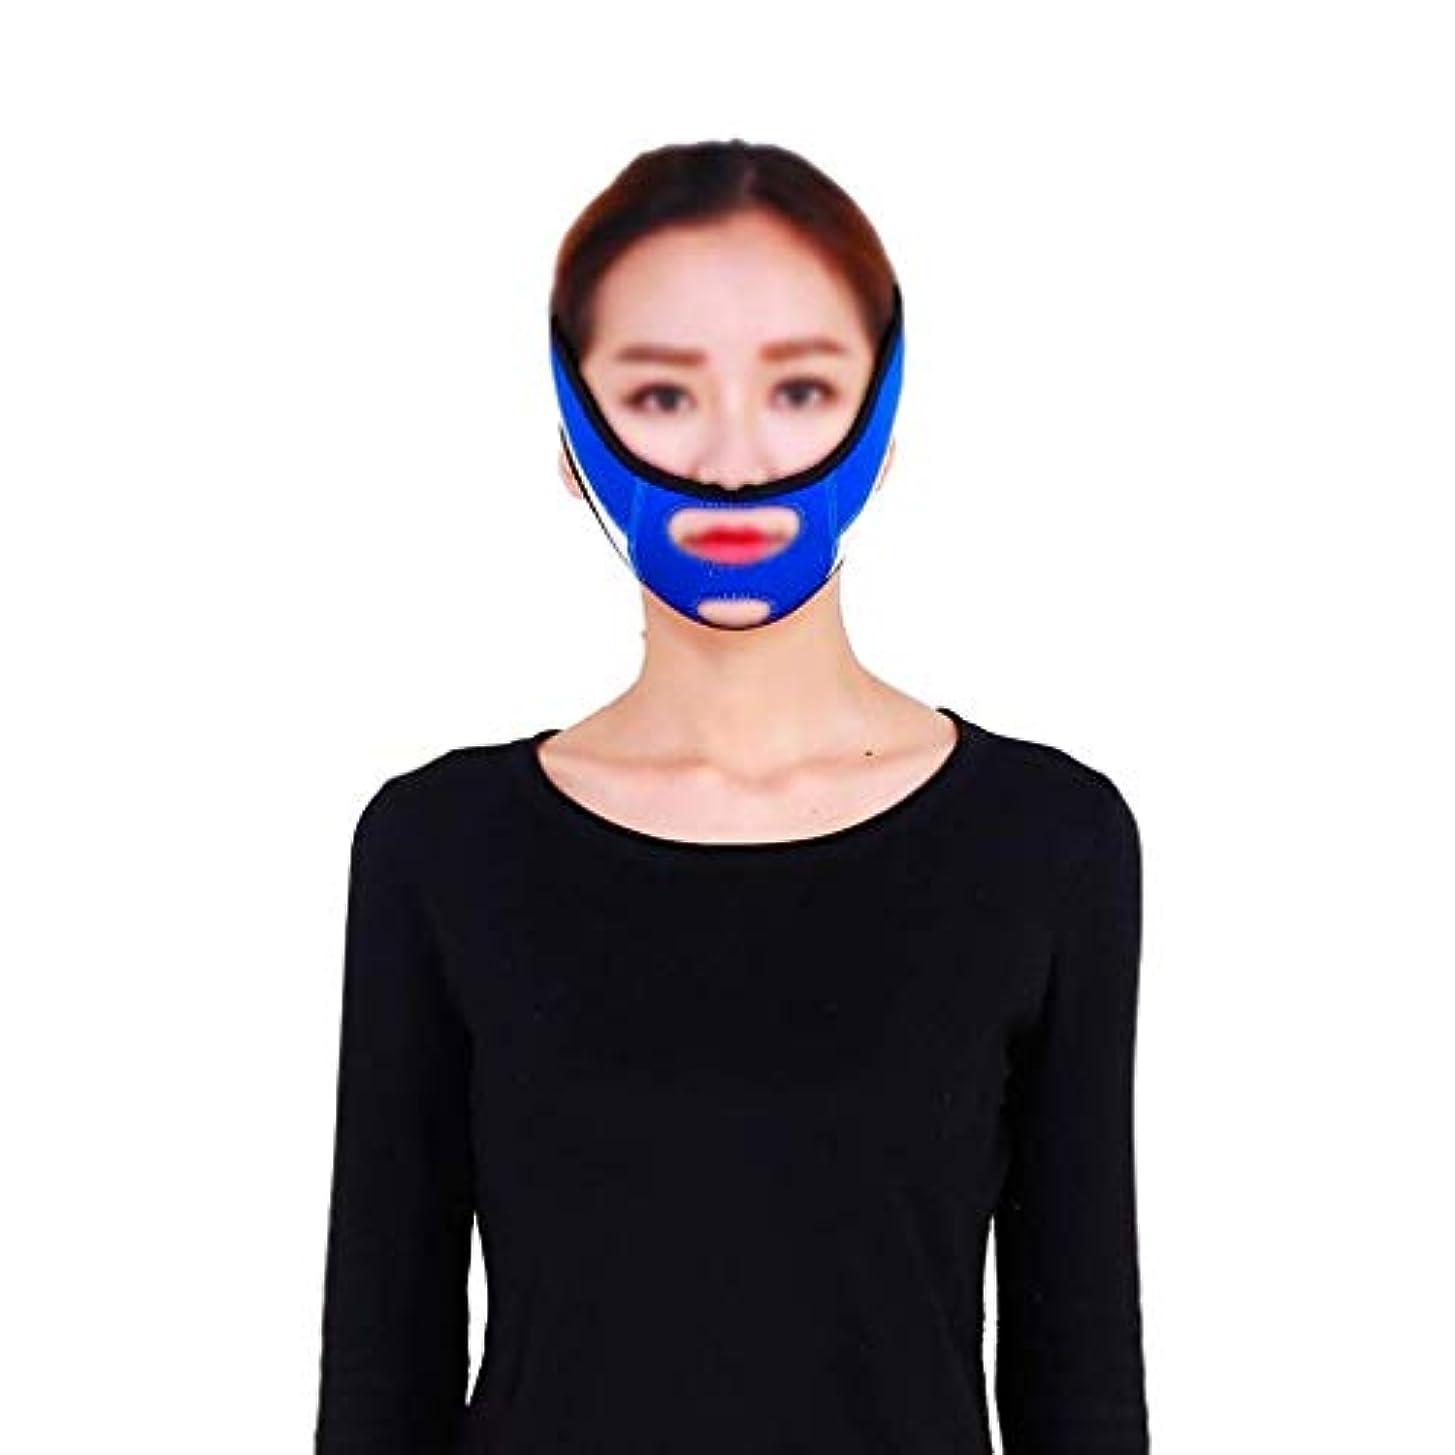 不安有害動物園ファーミングフェイスマスク、スモールVフェイスアーティファクトリフティングマスク、口を調整して垂れ下がった肌を縮小滑り止め弾性ストレッチ包帯